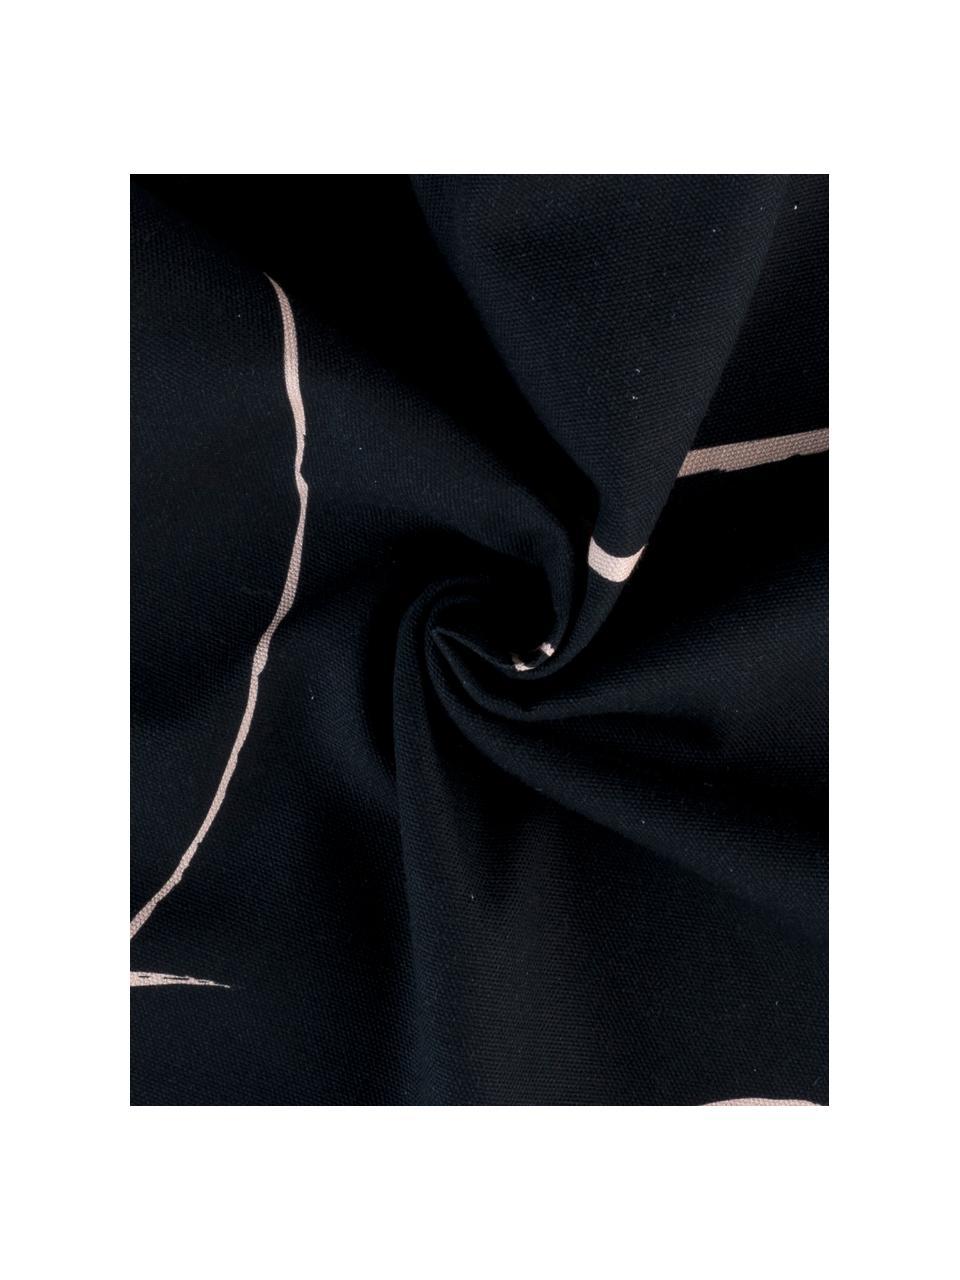 Kissenhülle Curves mit gezeichnetem Print, 100% Baumwolle, Schwarz,Rosa, 40 x 40 cm